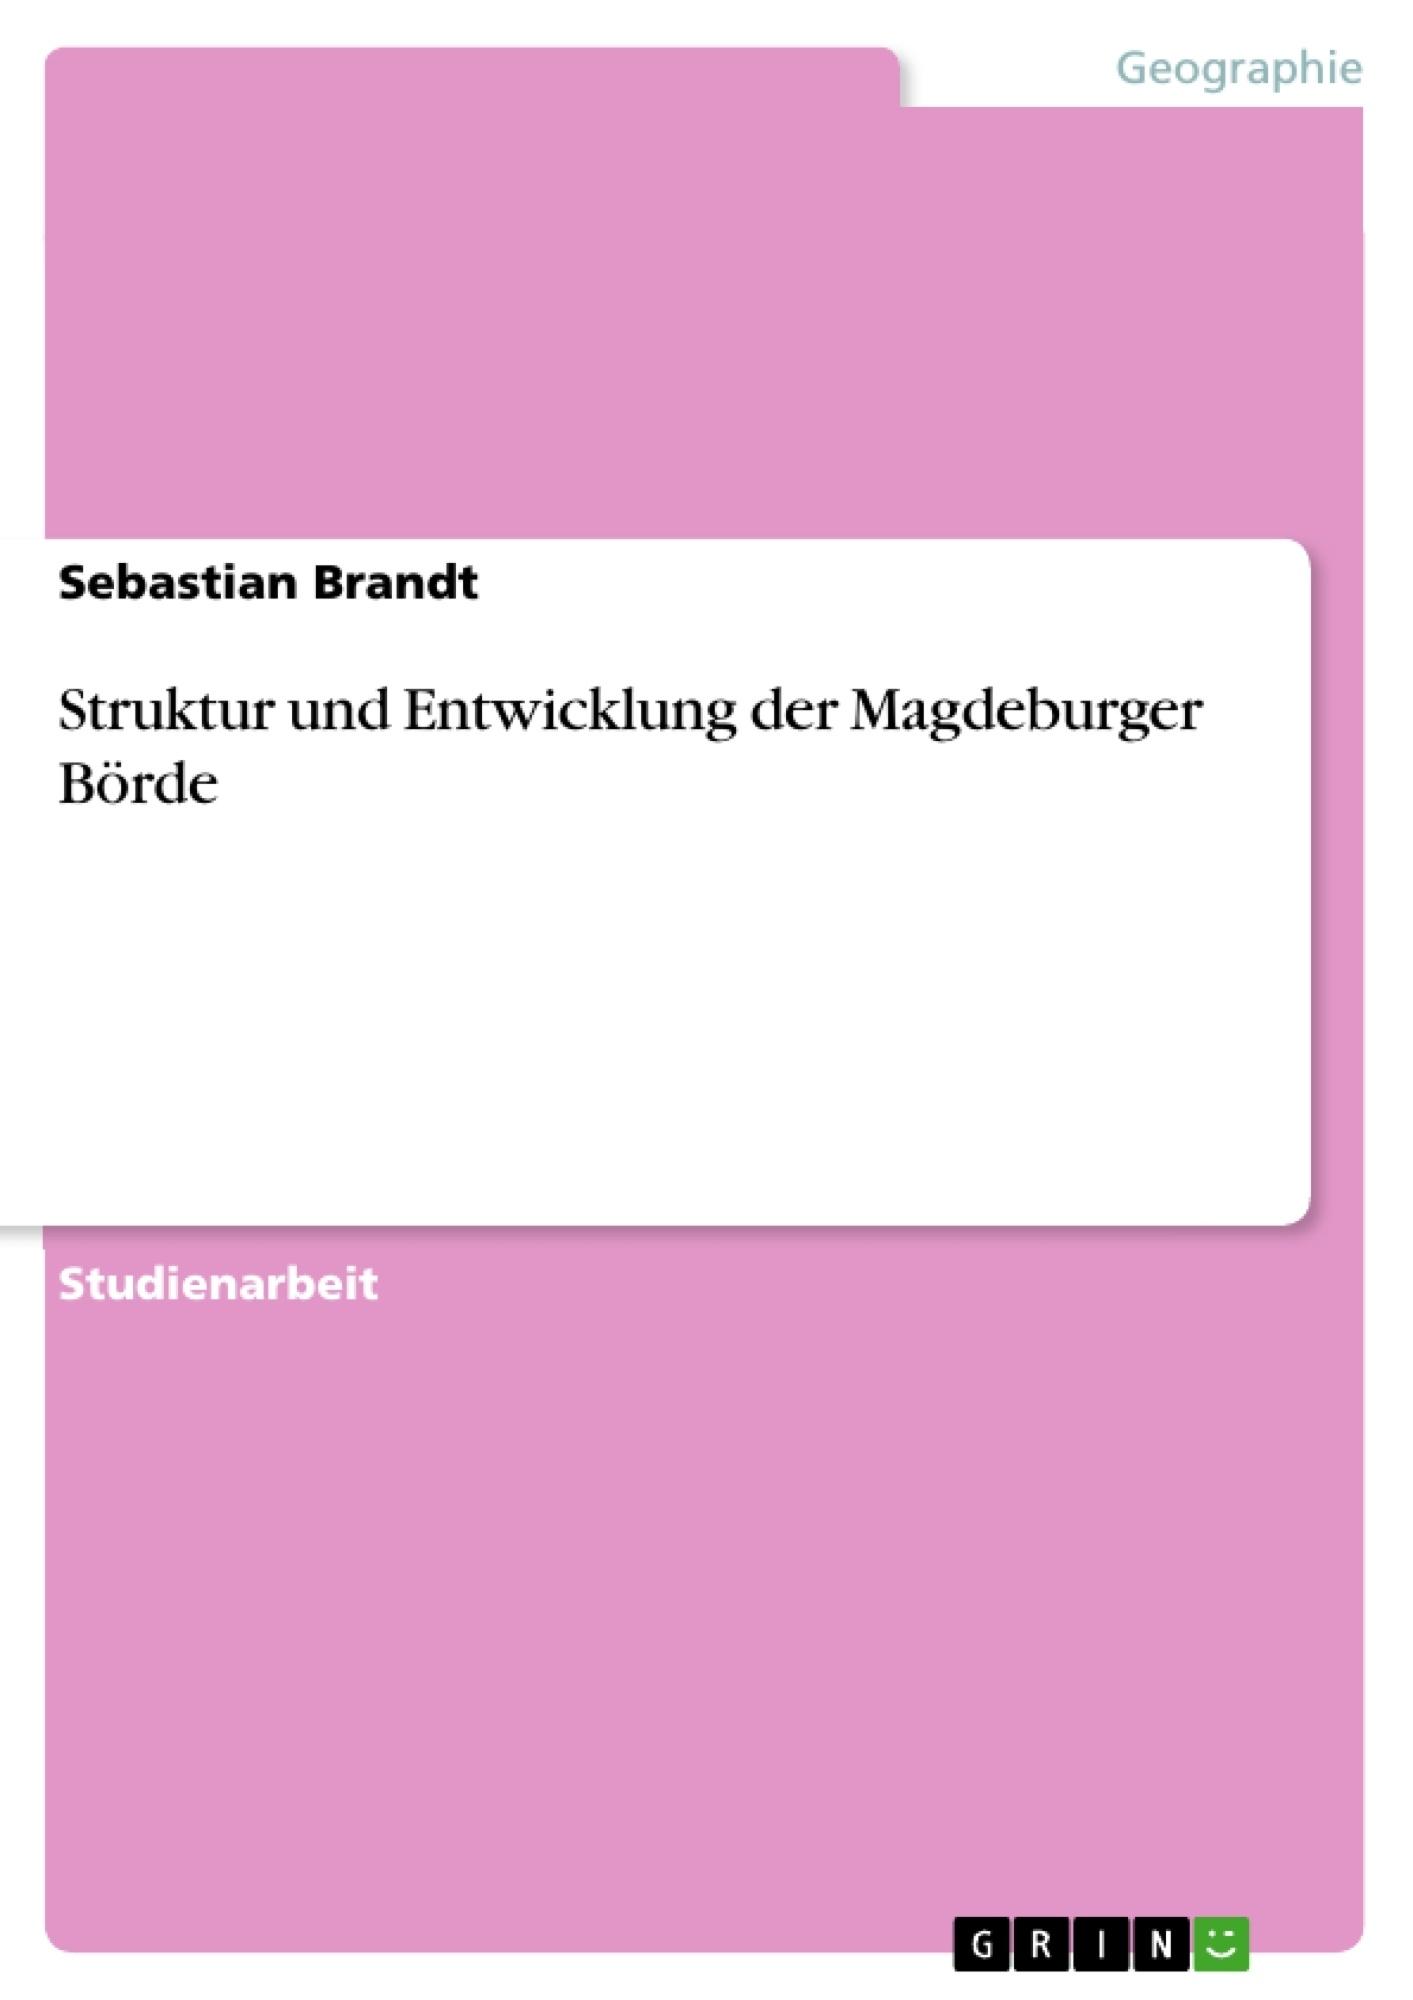 Titel: Struktur und Entwicklung der Magdeburger Börde